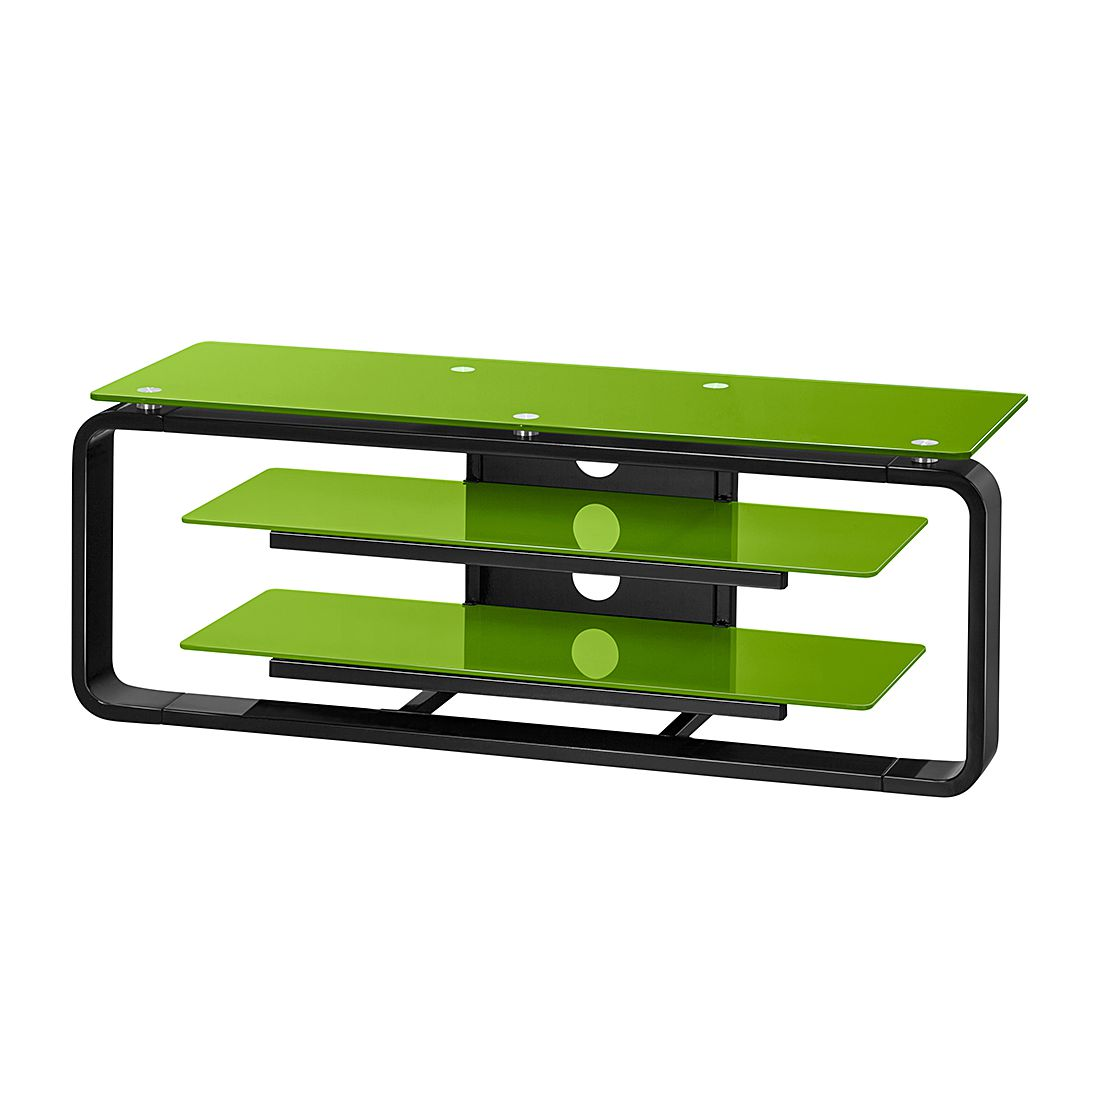 ... Italia. Mobiletto TV Jared I - Nero / Vetro verde - 110 cm, loftscape